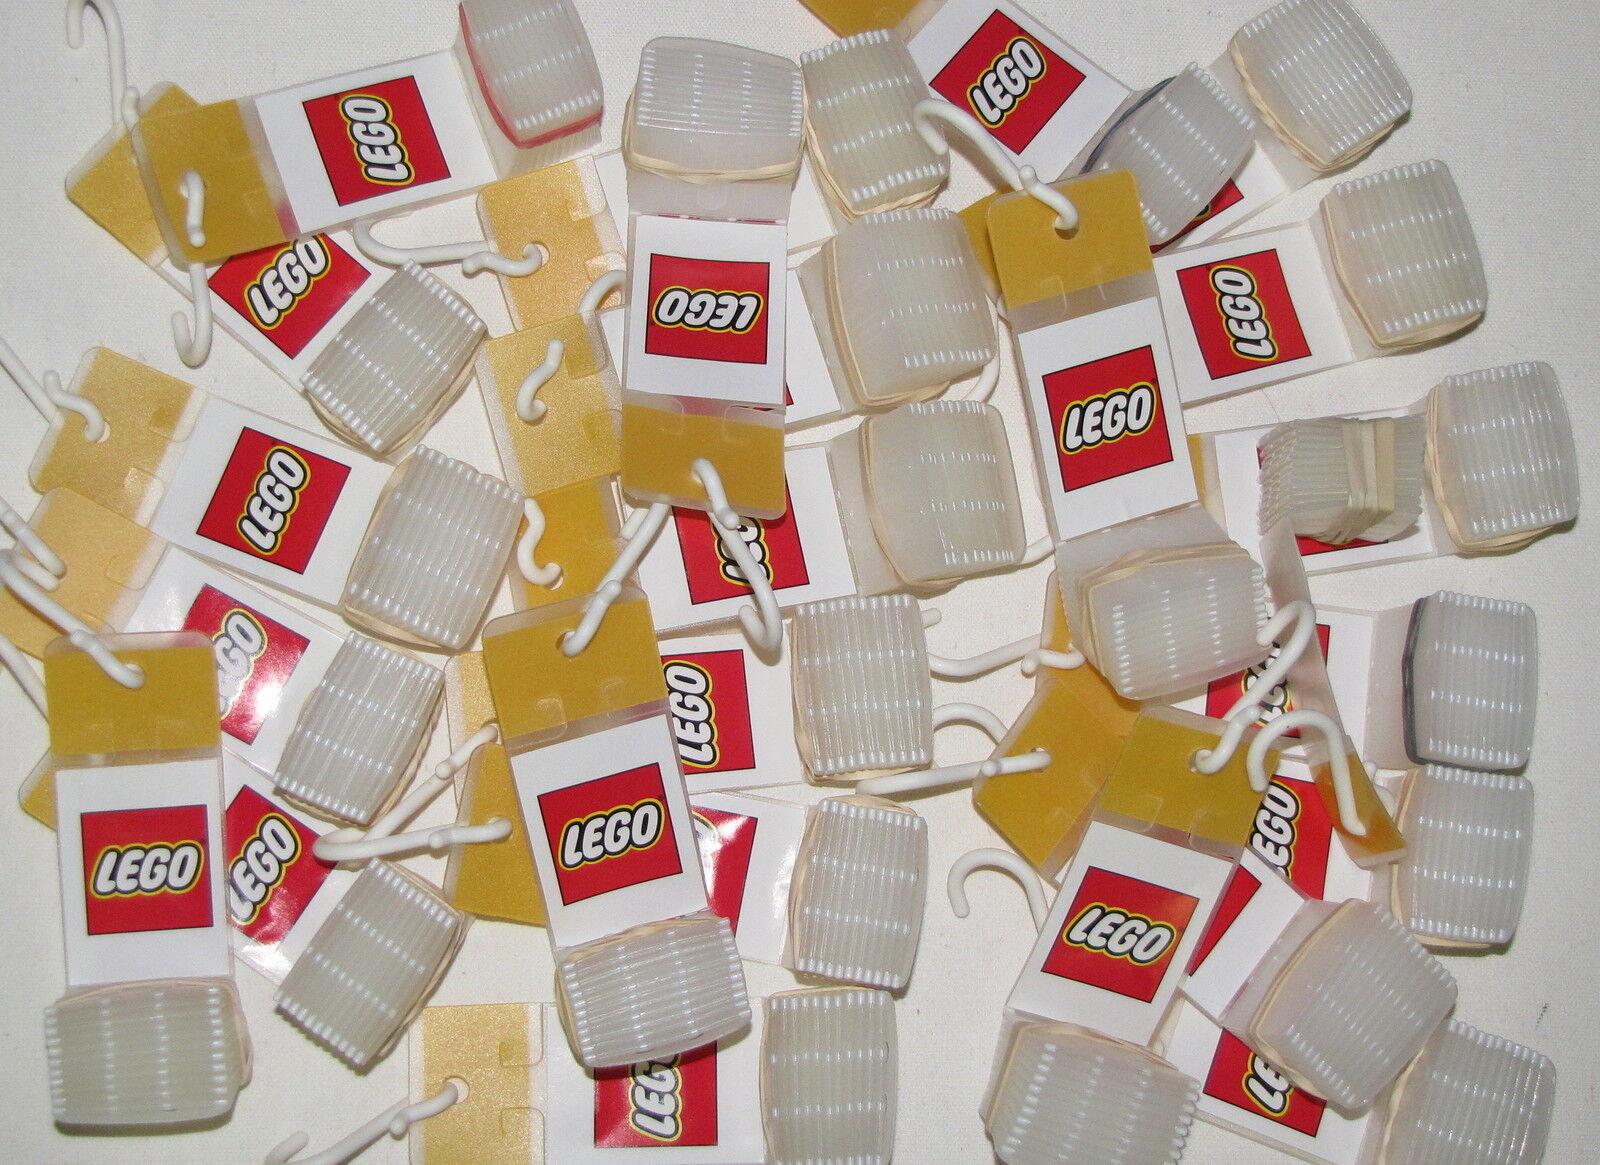 Lego Logo 25 Serie Minifigura Plástico Expositor Colgador Piezas Usado a Colgar